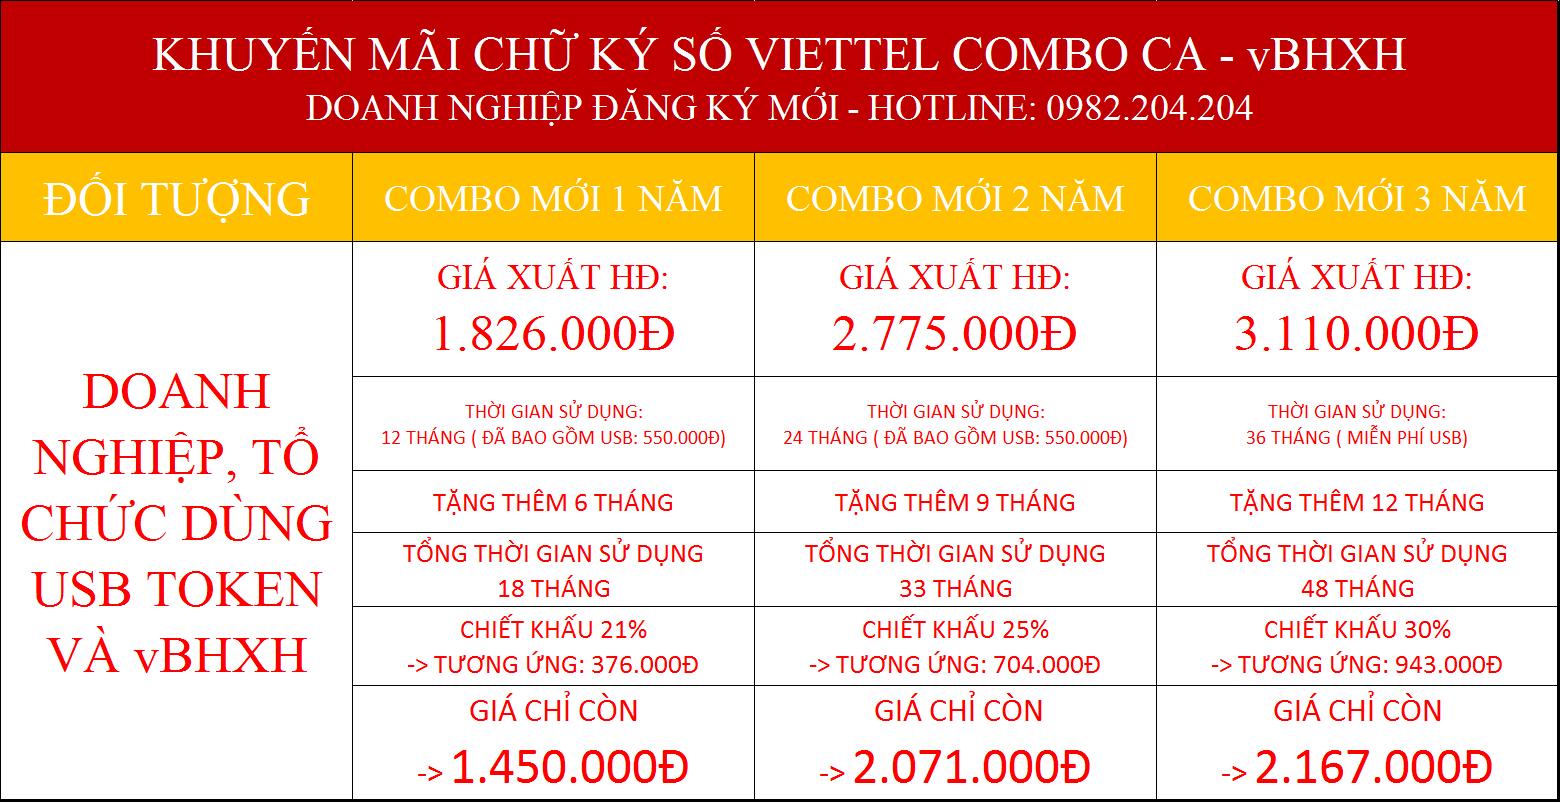 Bảng giá chữ ký số Viettel Thái Nguyên combo kèm vBHXH